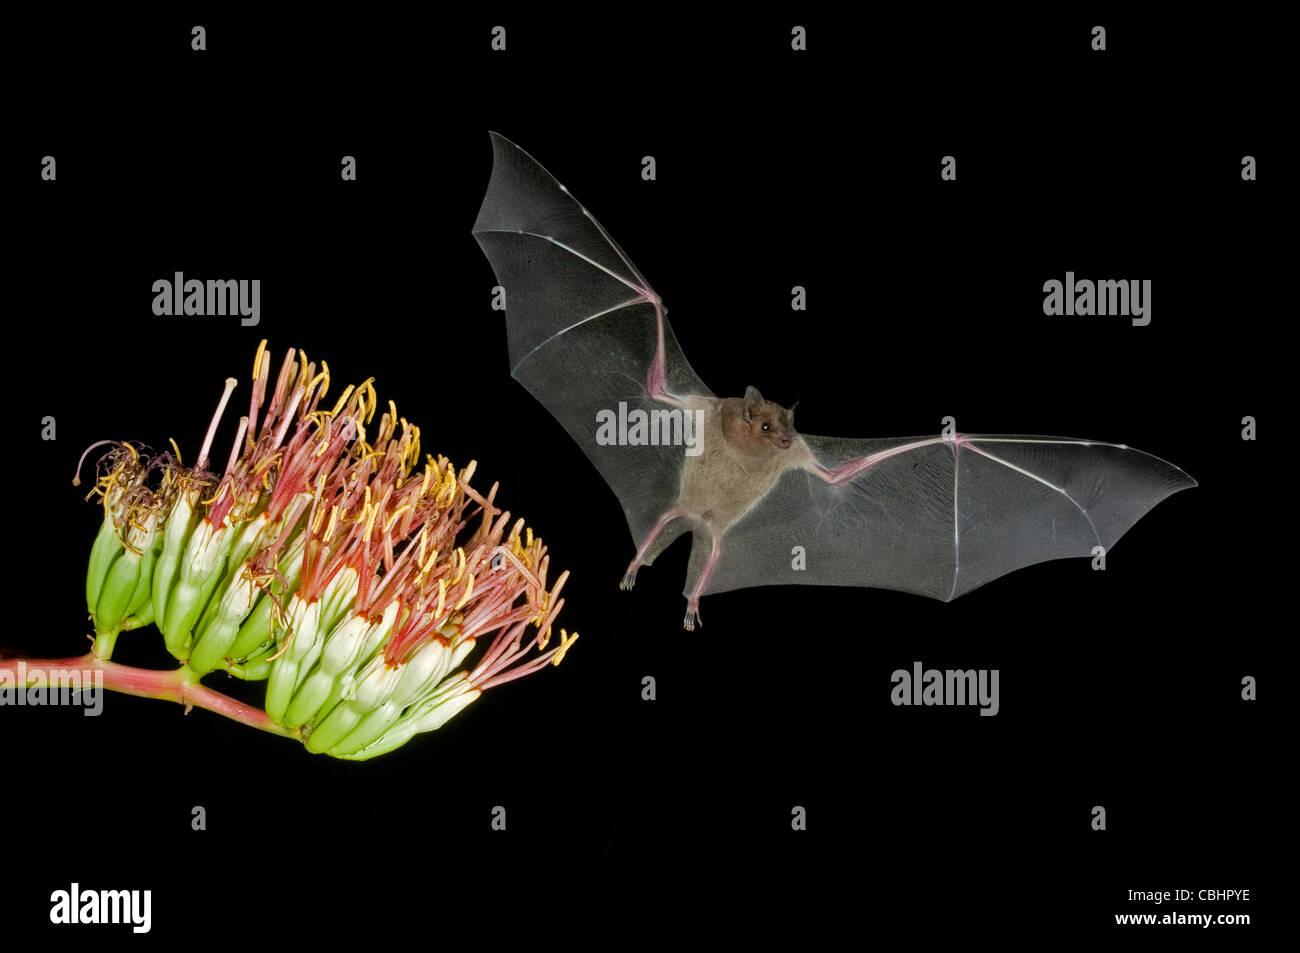 Minore a becco lungo Leptonycteris Bat curasoae Amado, Arizona, Stati Uniti 23 agosto adulto presso Parry di Agave fiori. Foto Stock